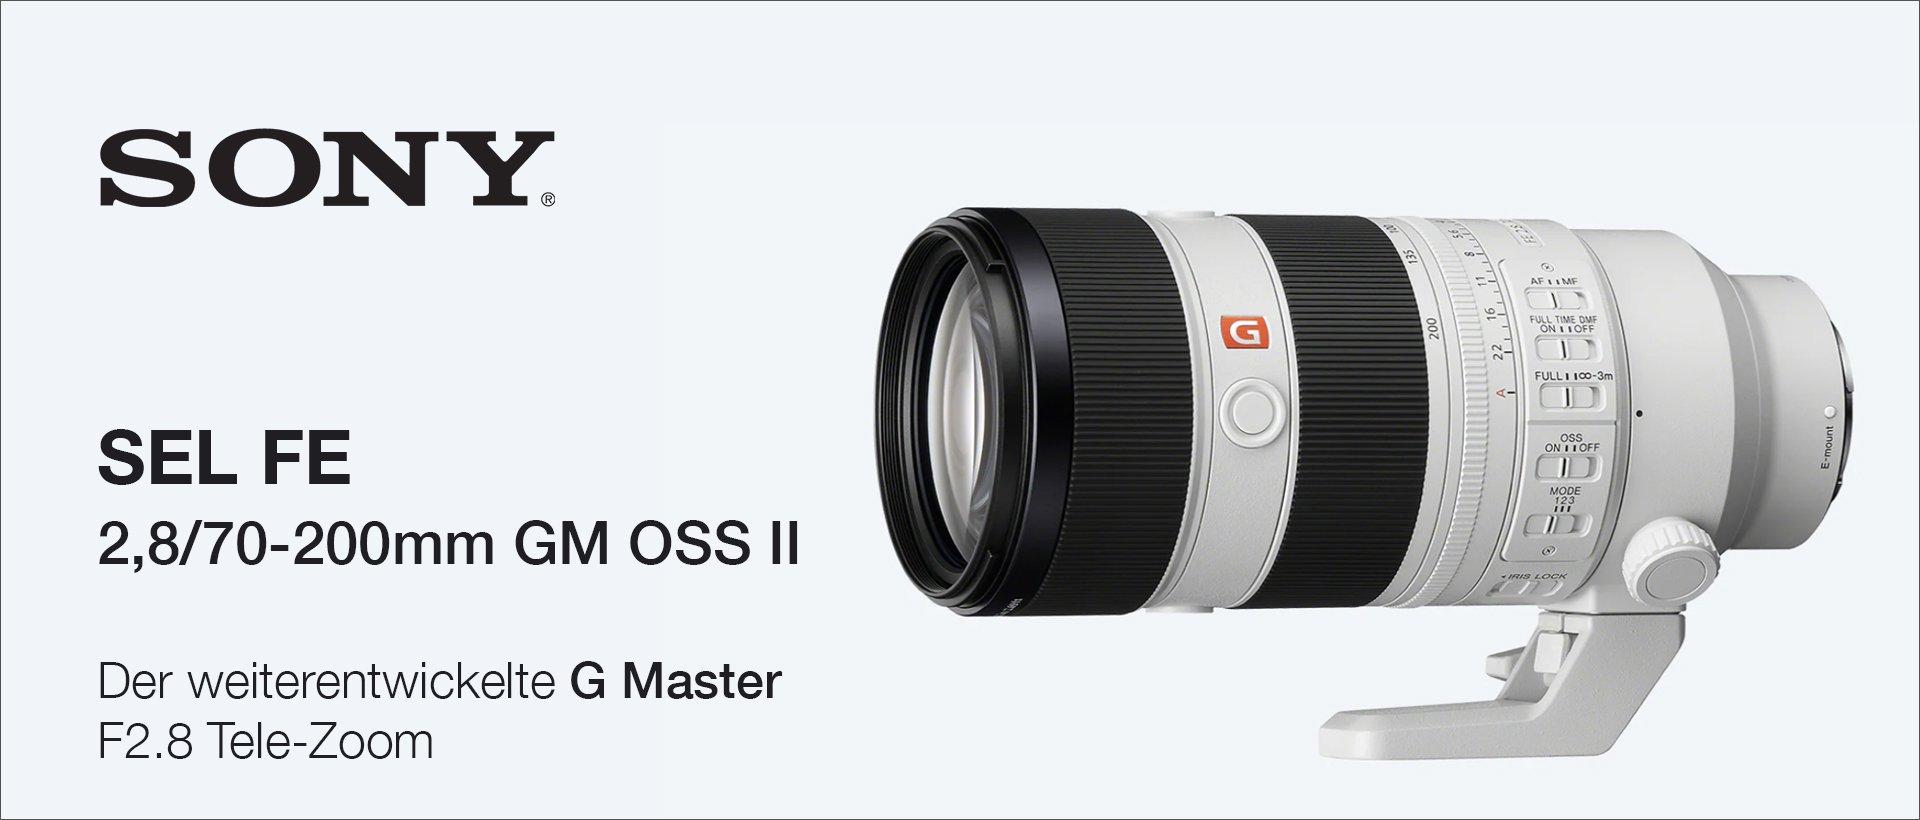 Sony SEL FE 2,8/70-200mm GM OSS II